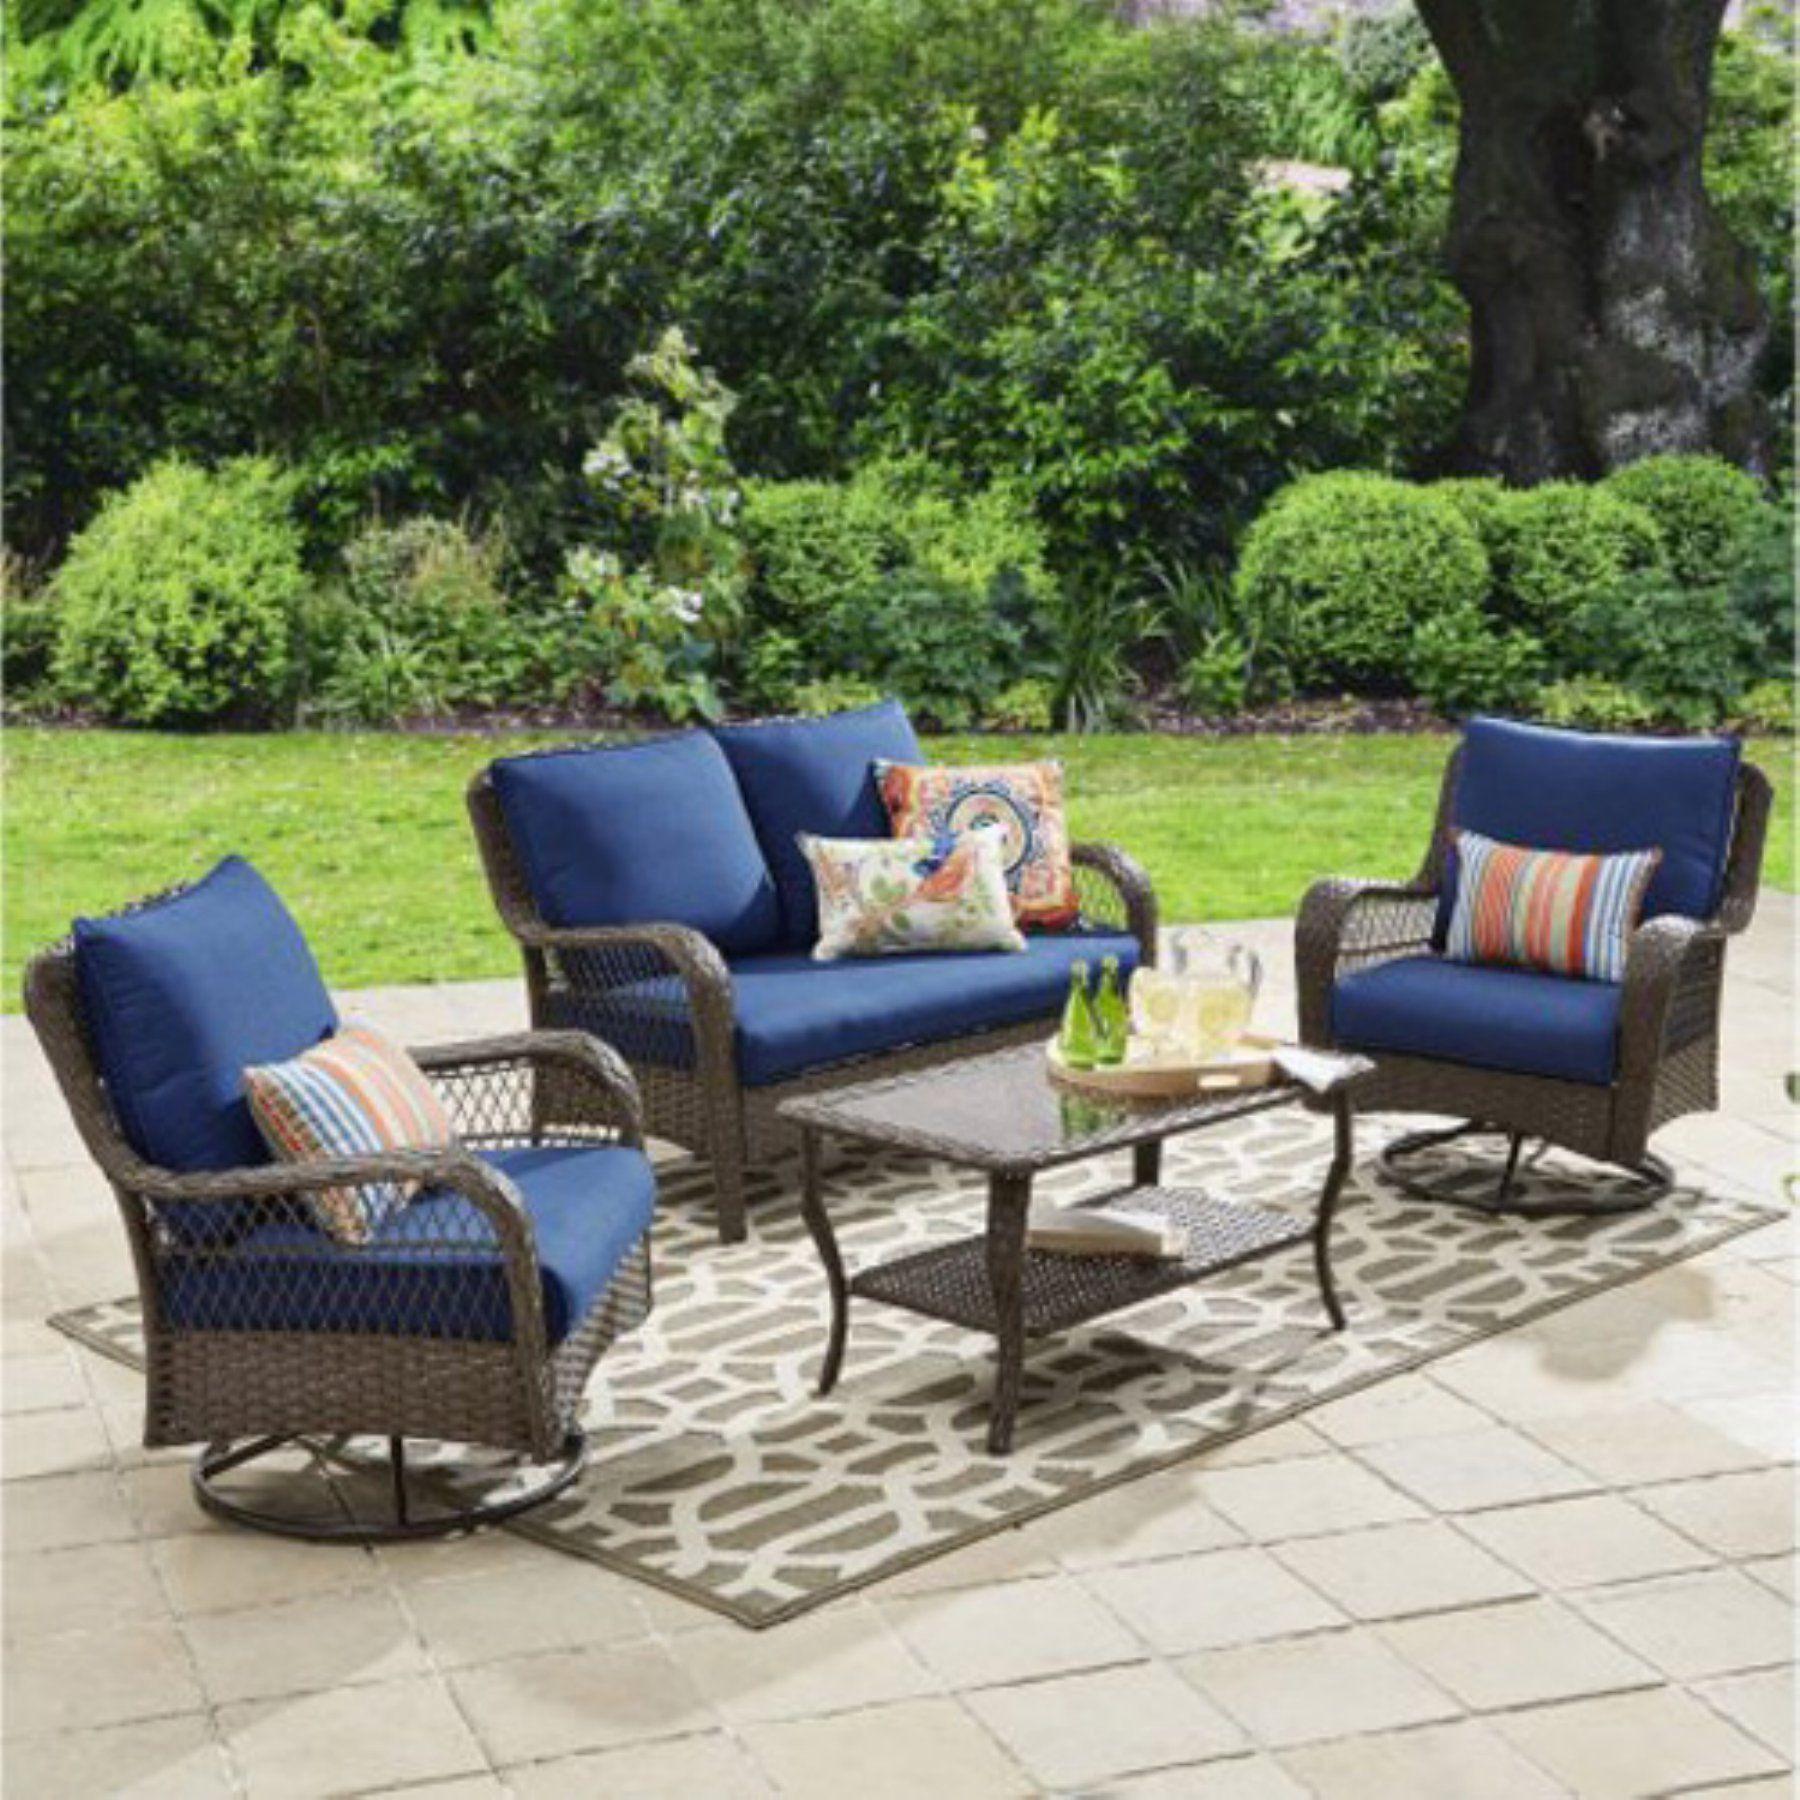 Better Homes And Gardens Colebrook 4 Piece Outdoor Conversation Set C0799f10e70641909b210e1a71dc8571